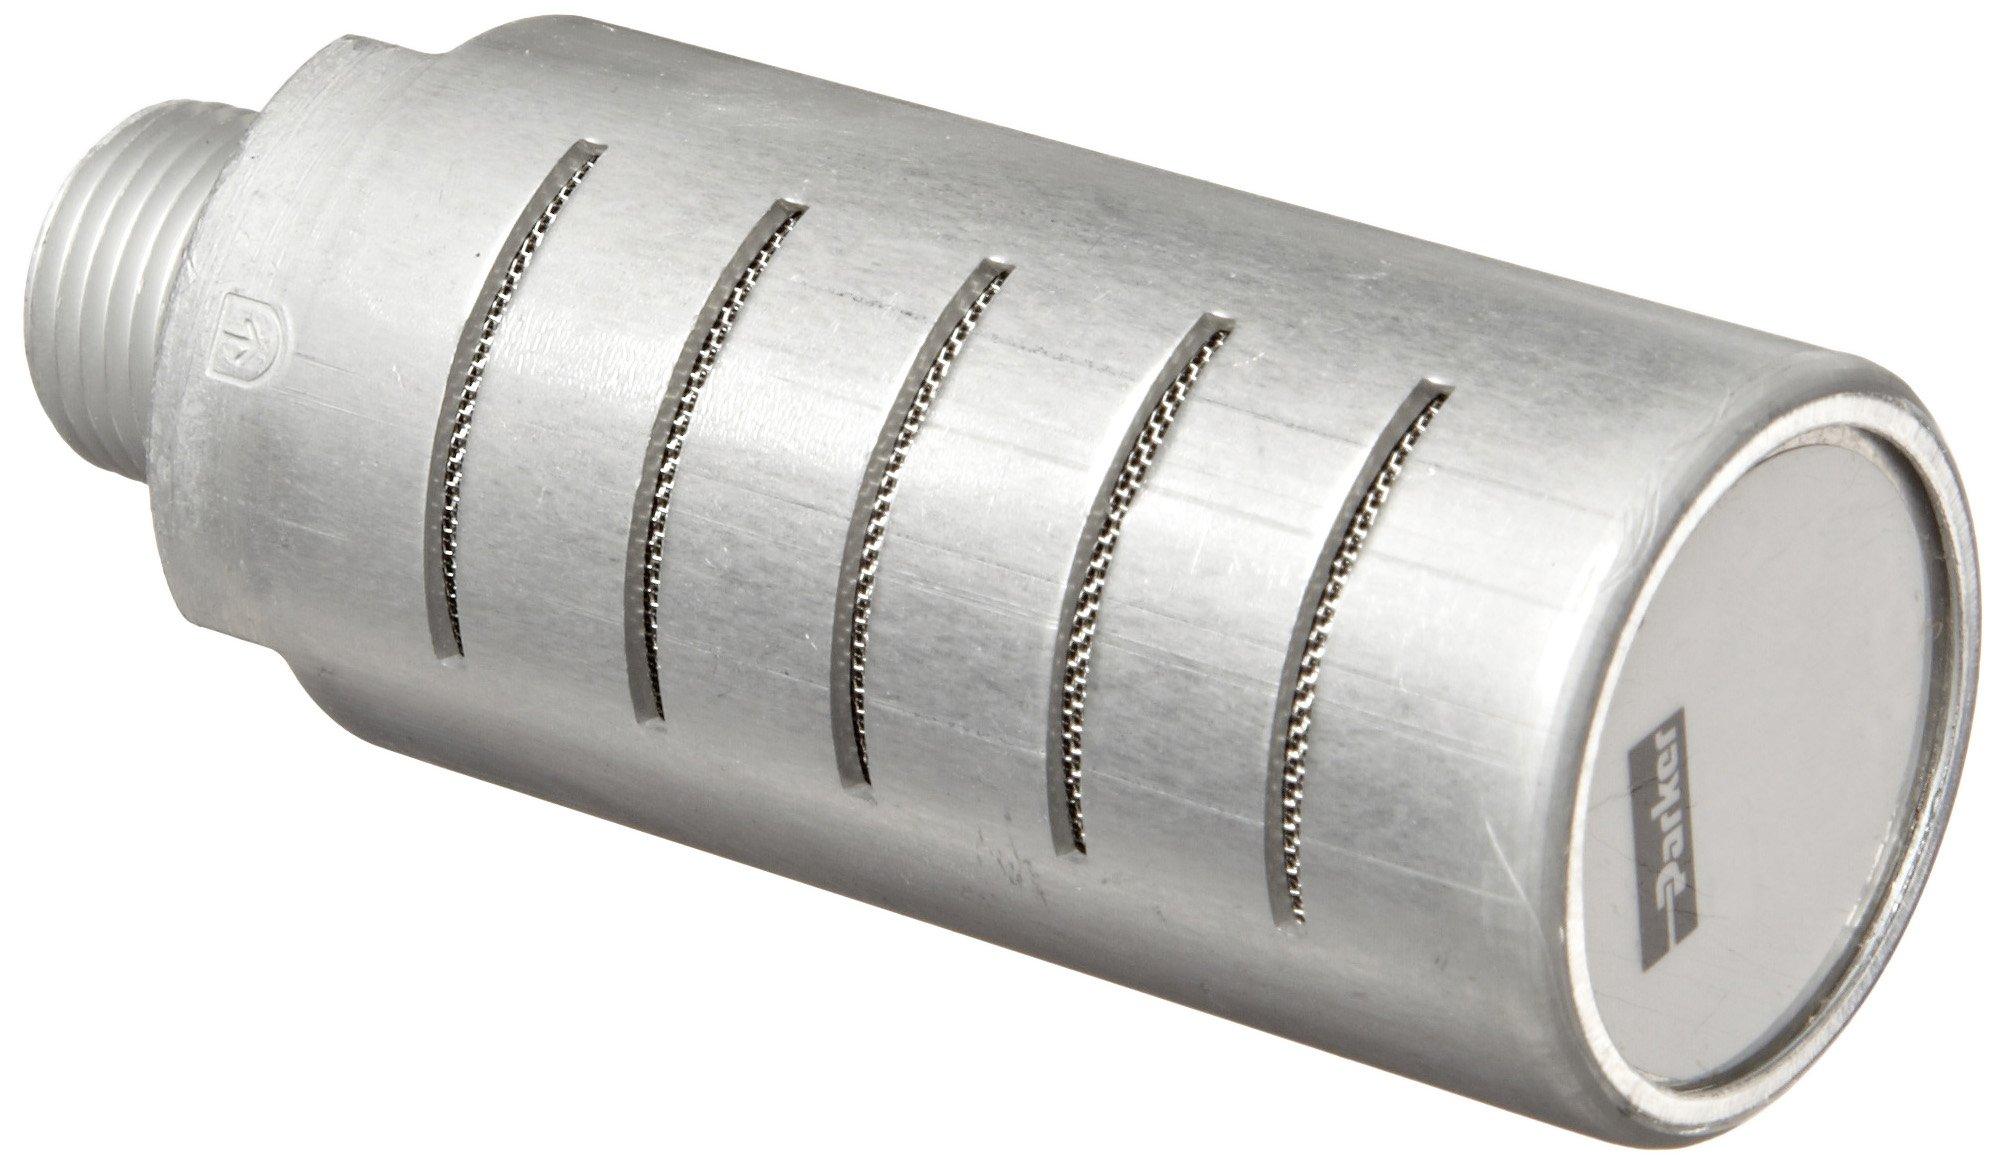 Parker ES50MC Aluminum Exhaust Silencer, 1/2'' NPTF, 549 scfm Flow, 1.26'' Diameter x 3.31'' Length, 250 psi by Parker